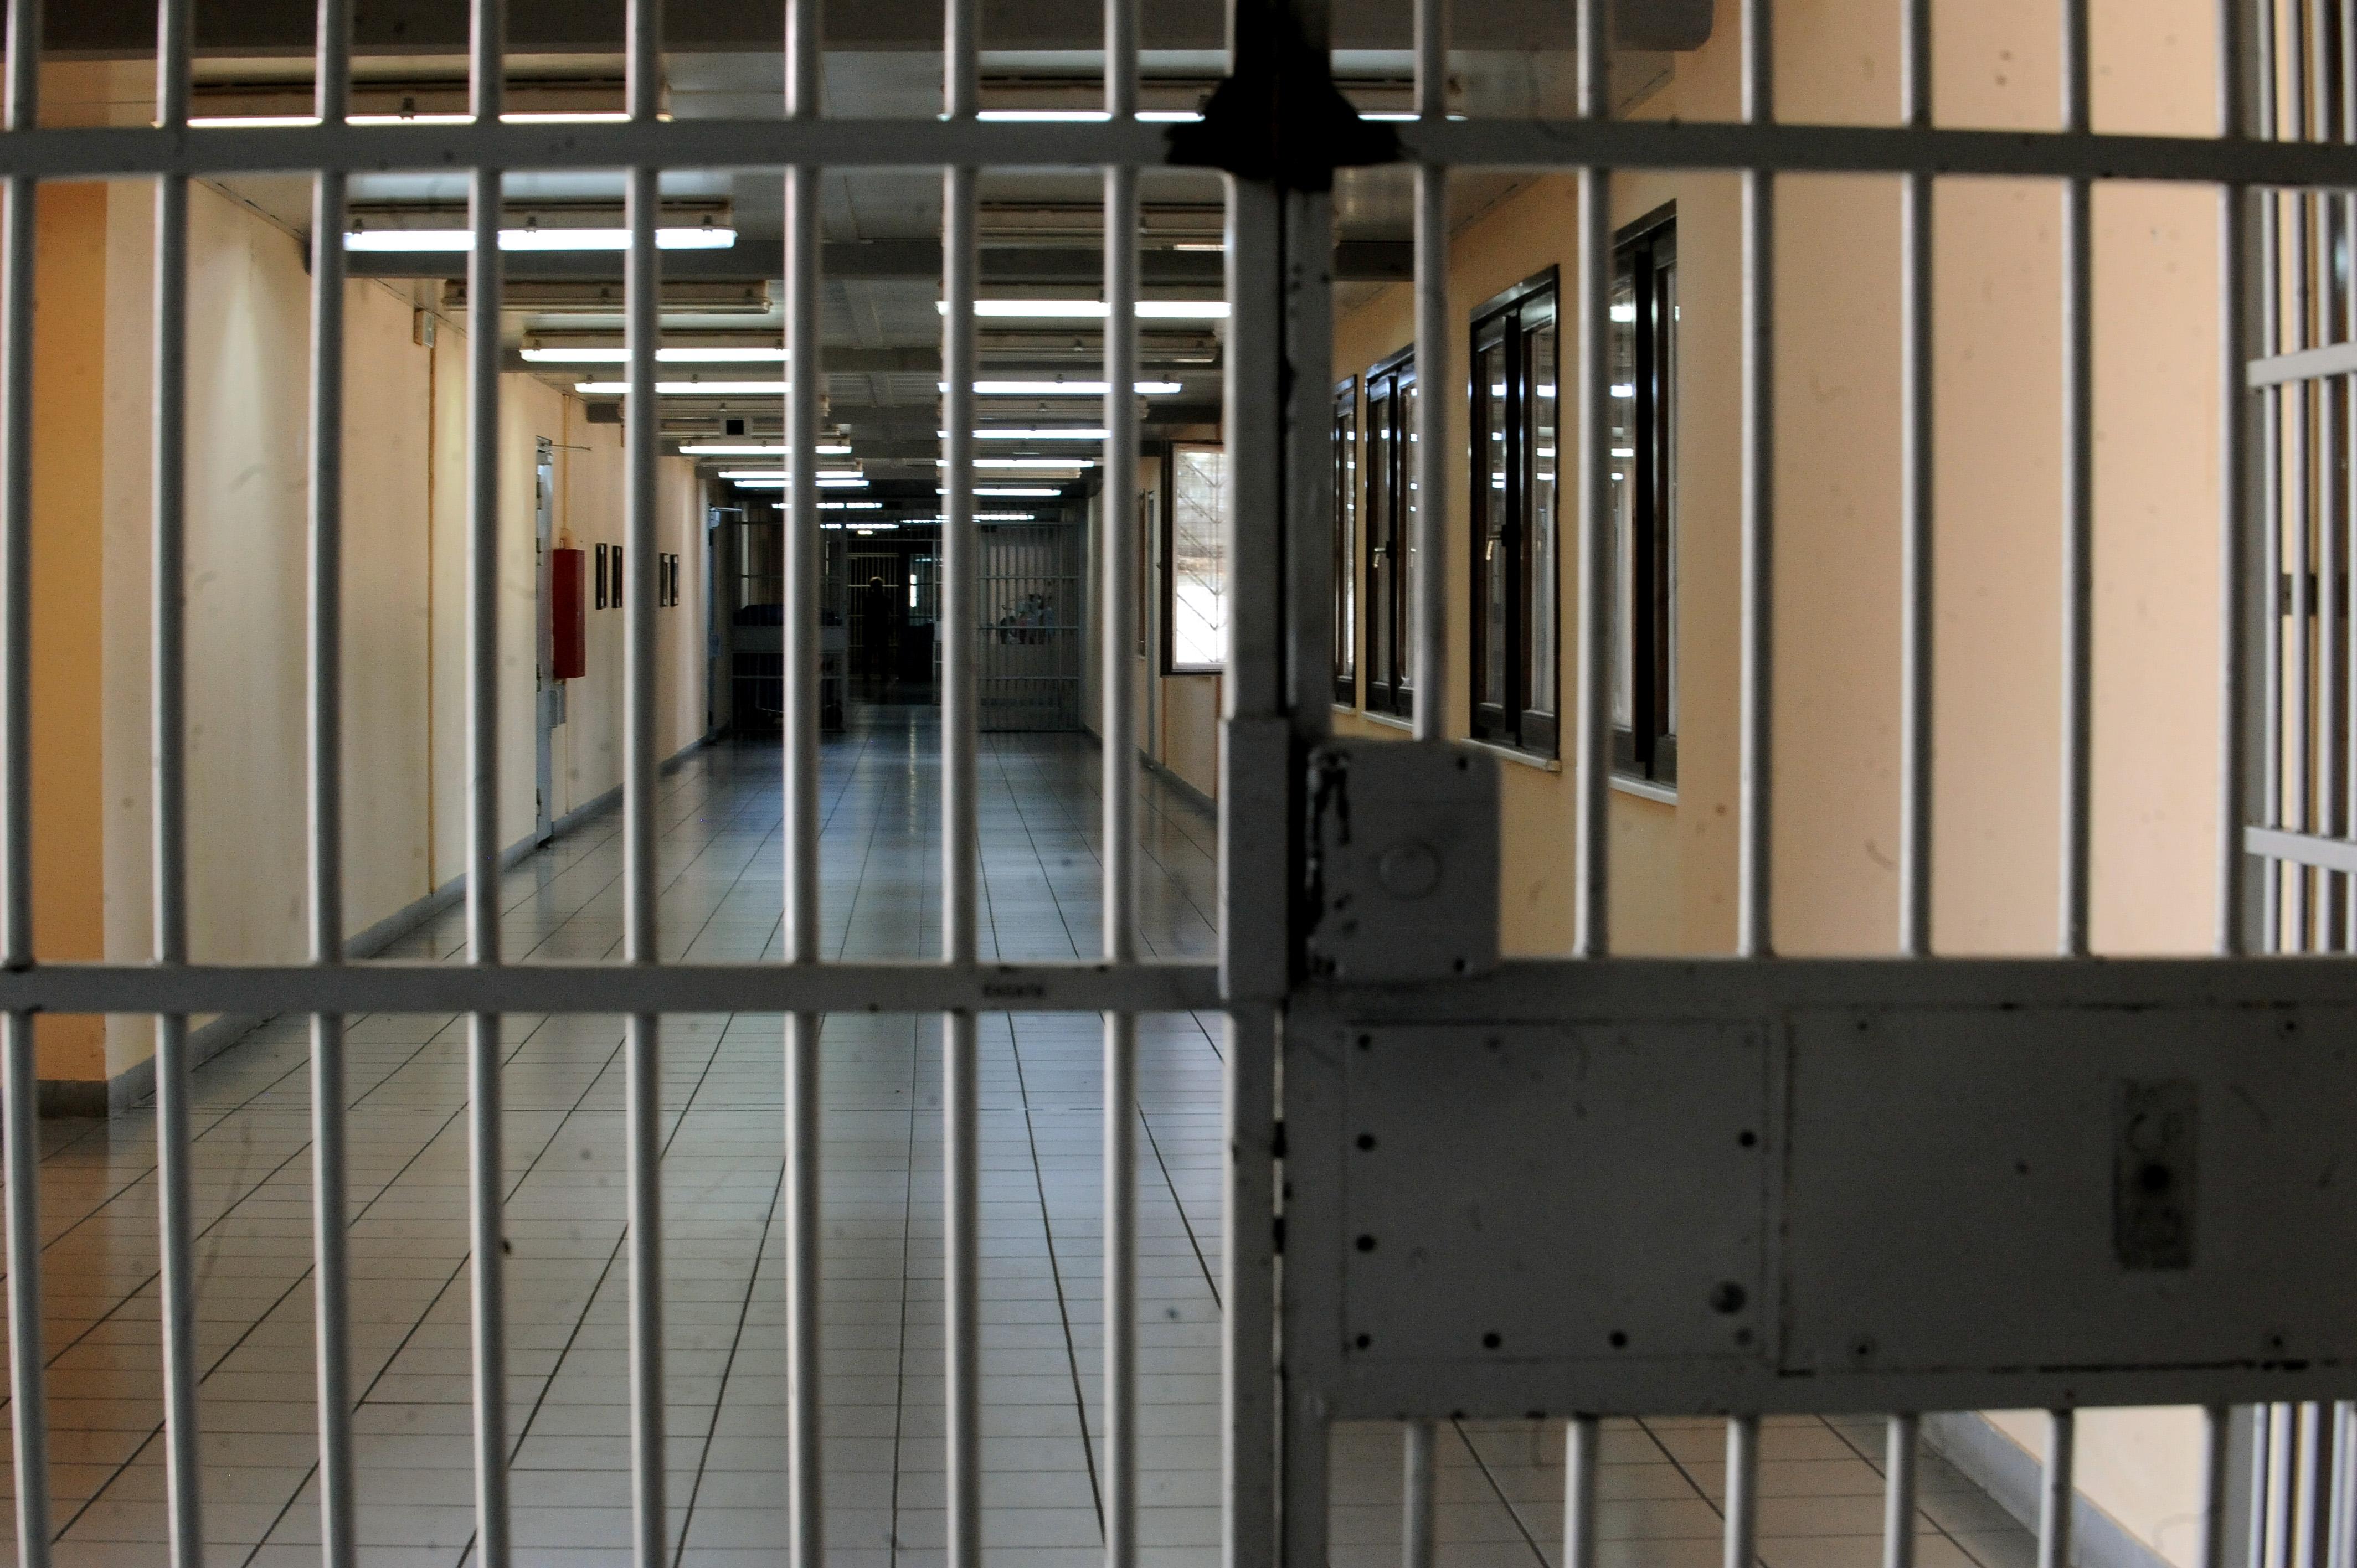 Δίκτυο Αλληλεγγύης Κρατουμένων: Νεκρός από φλεγμονή στο δόντι στις φυλακές Μαλανδρίνου